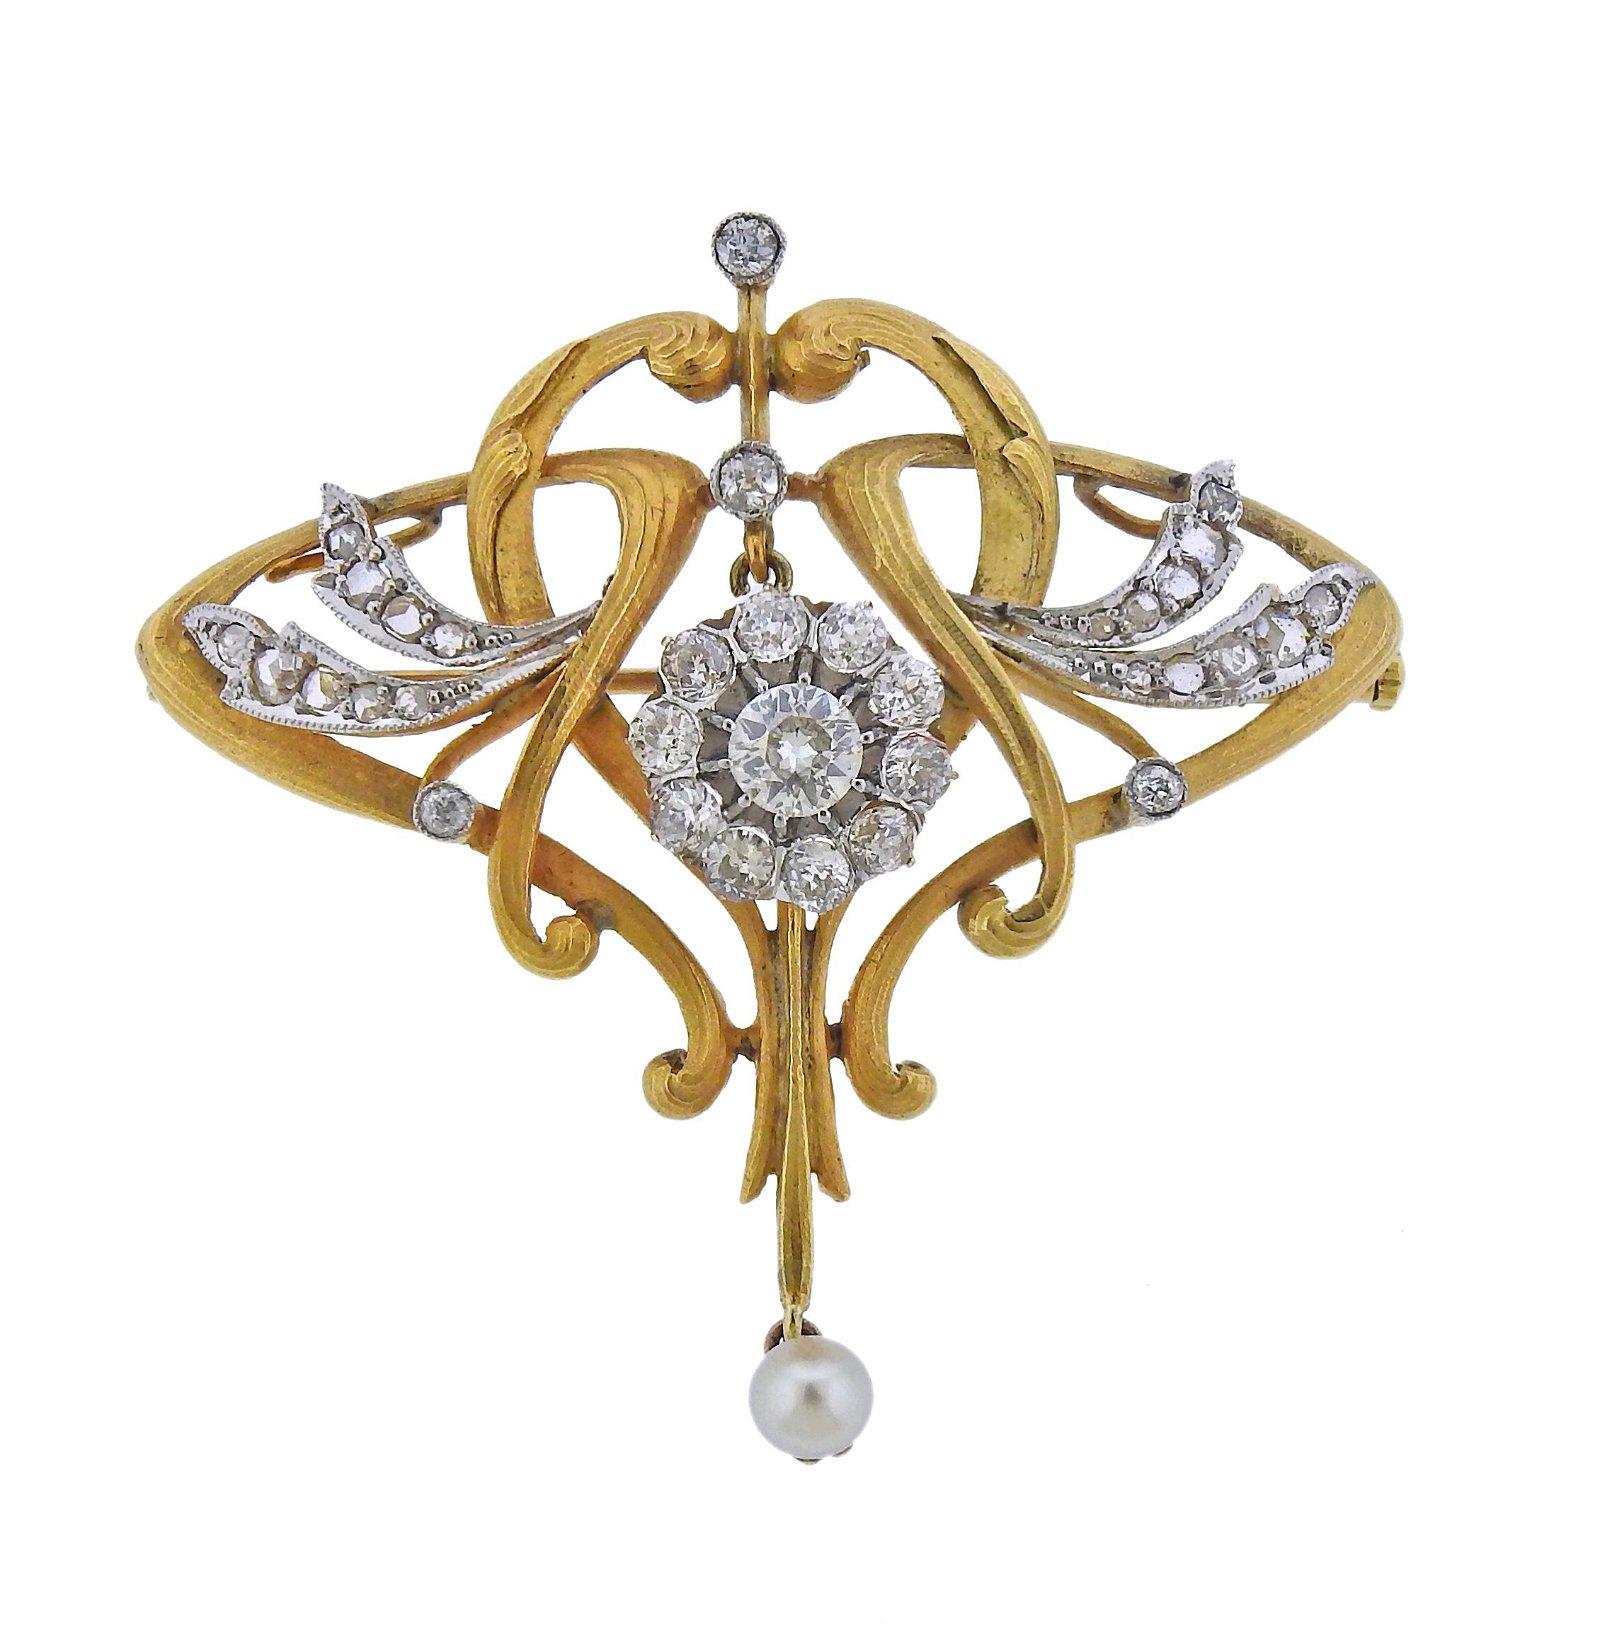 Antique Art Nouveau 18k Gold Diamond Pearl Brooch